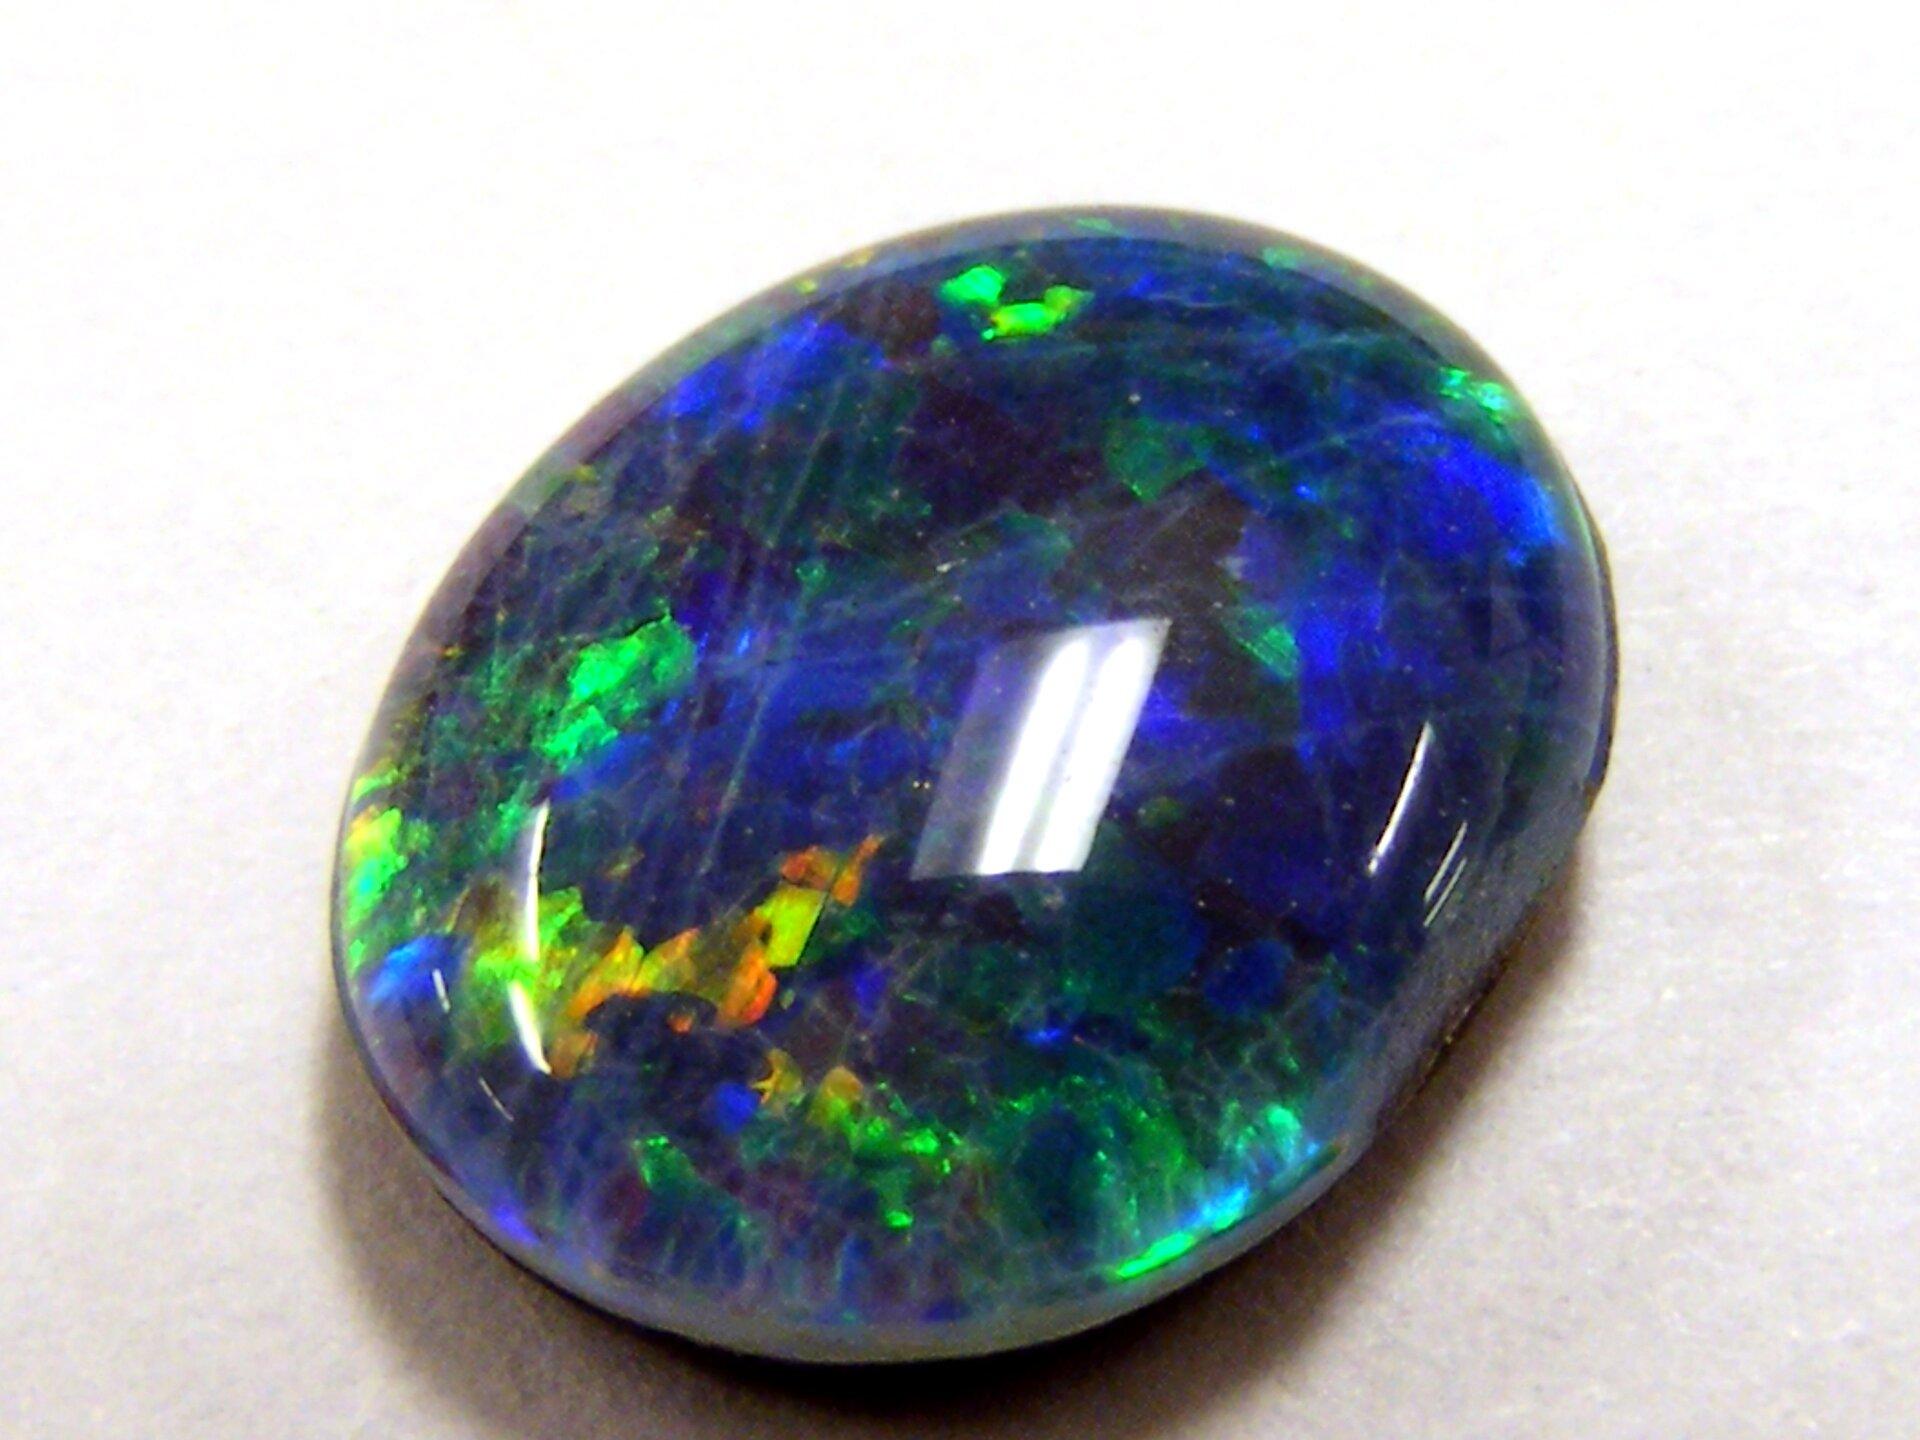 Zdjęcie przedstawia oszlifowany opal niebieski wodmianie szlachetnej, czyli opalizującej, co oznacza zmienność barw wzależności od kąta obserwacji. Szlif owalny, kamień ma formę nieco spłaszczonej kropli.